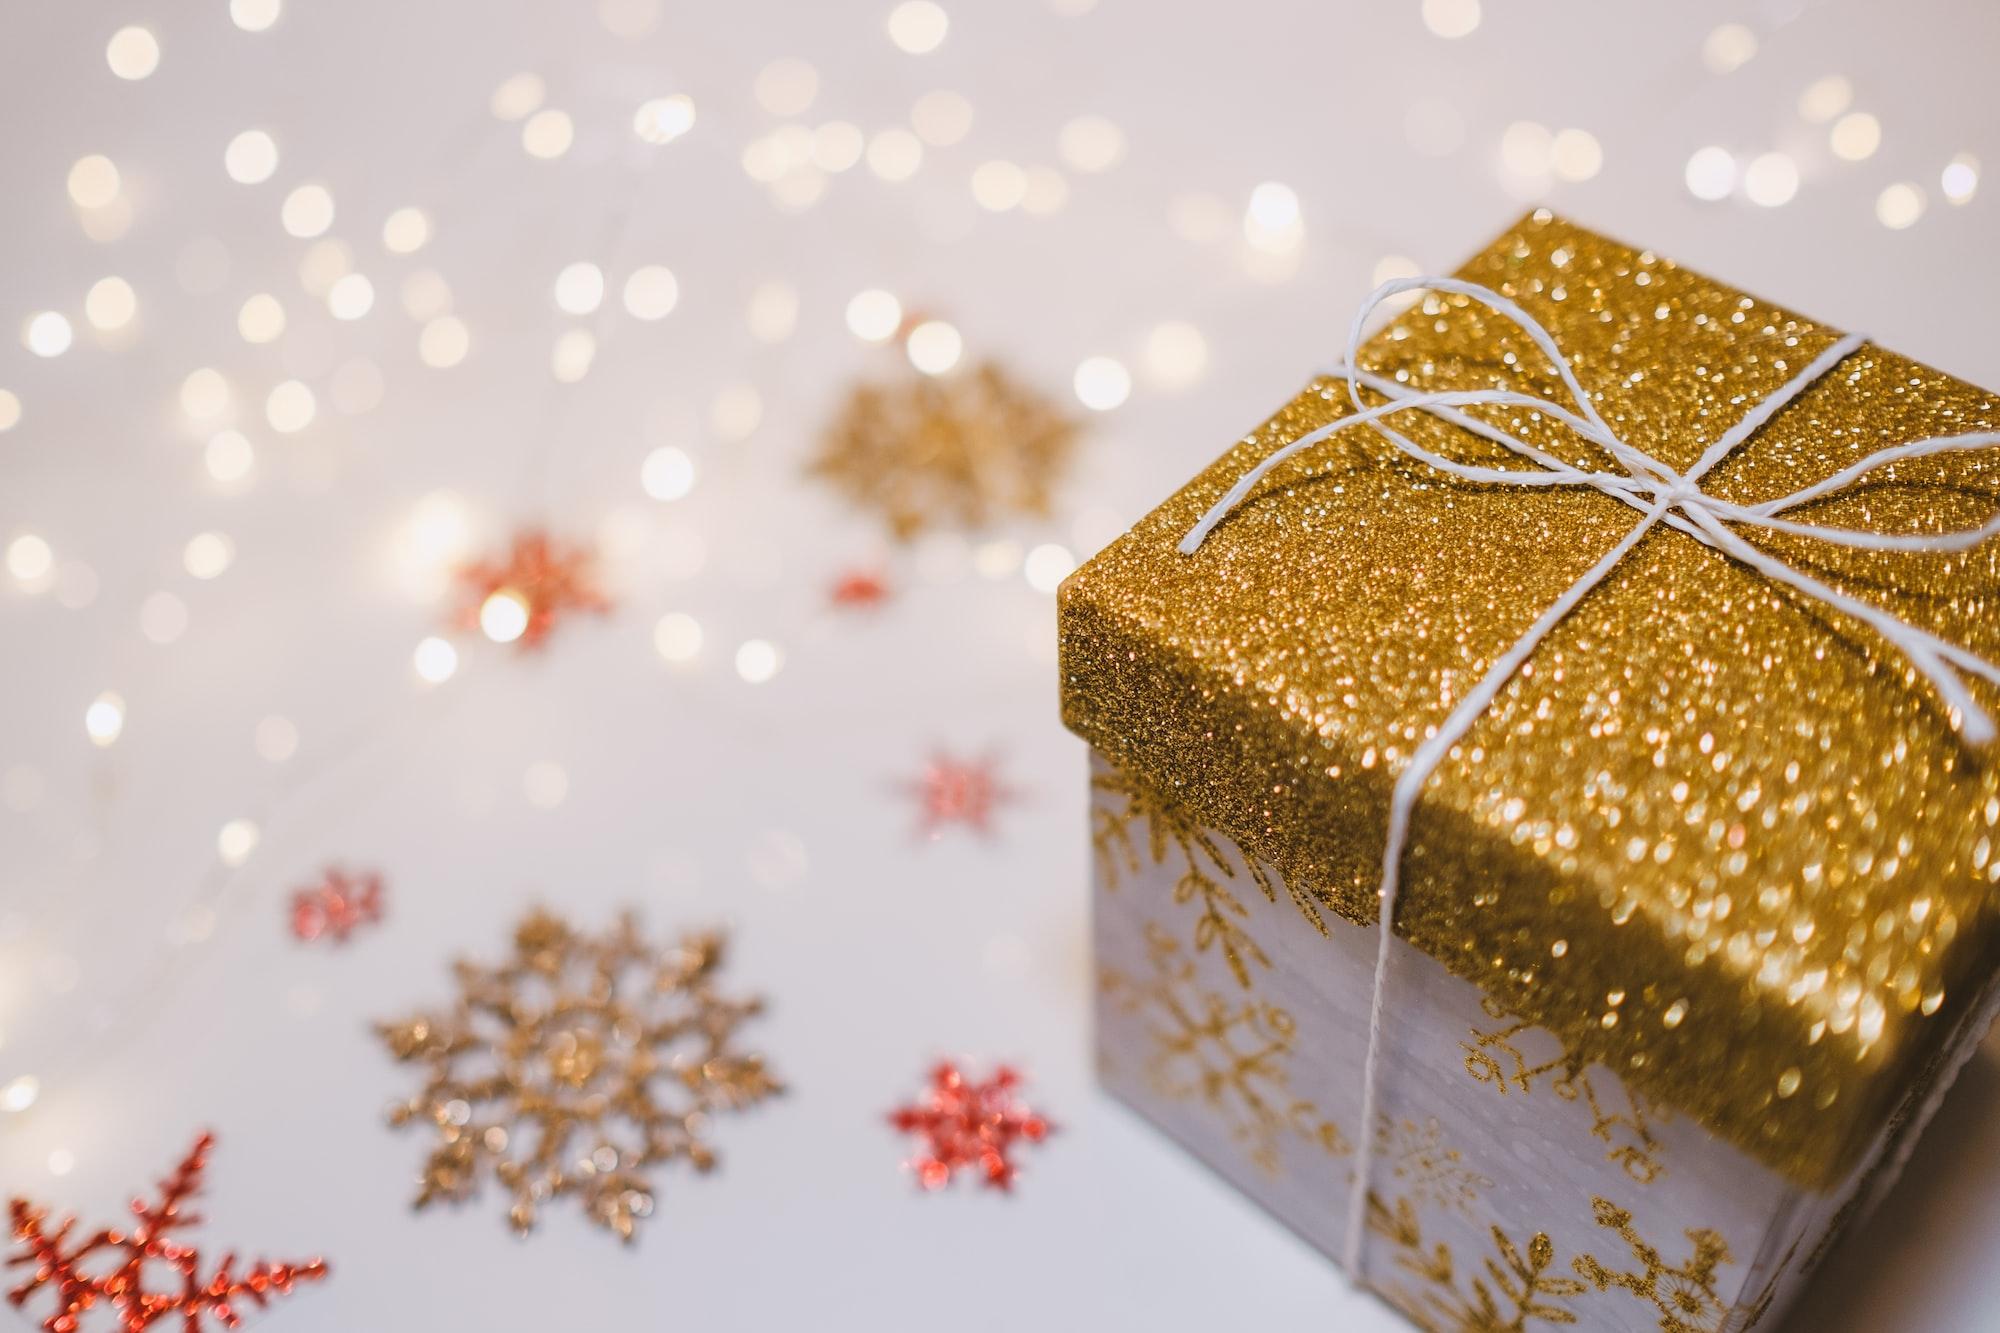 seu primeiro presente de Natal